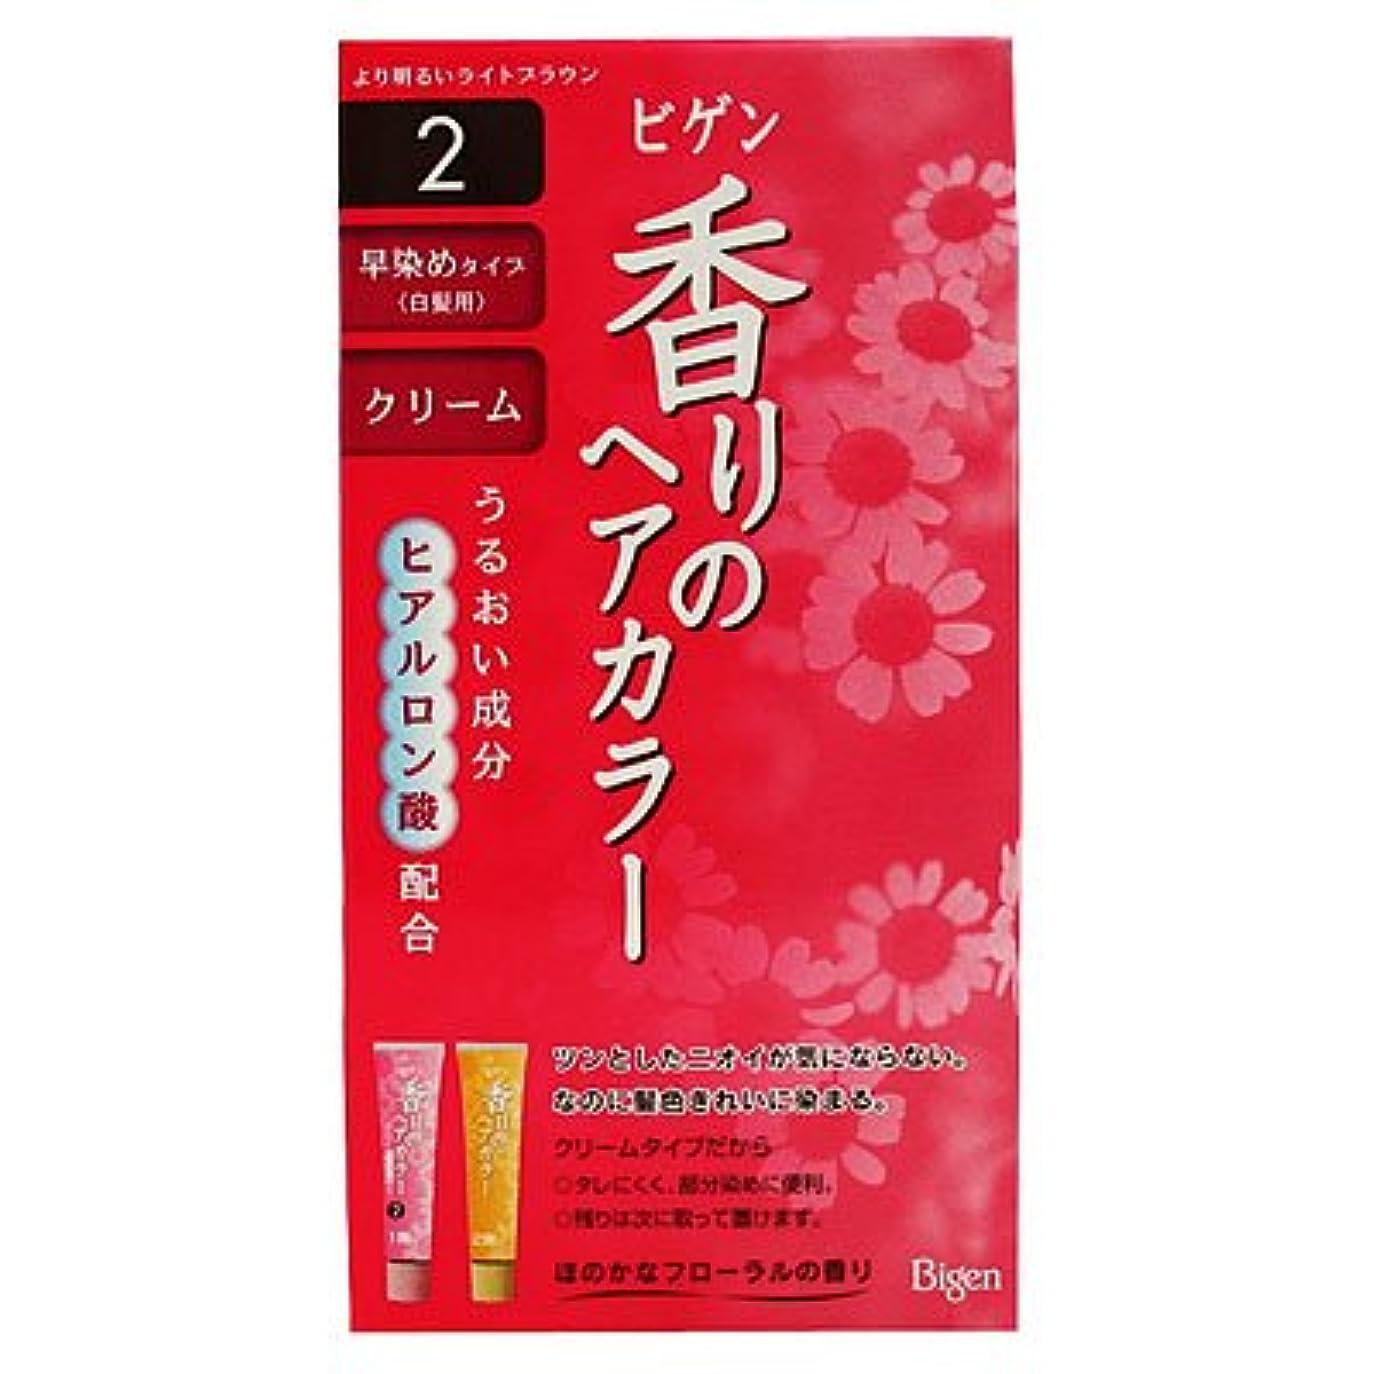 パンツカート自由ビゲン香りヘアカラークリーム2 40G+40G [ヘルスケア&ケア用品]